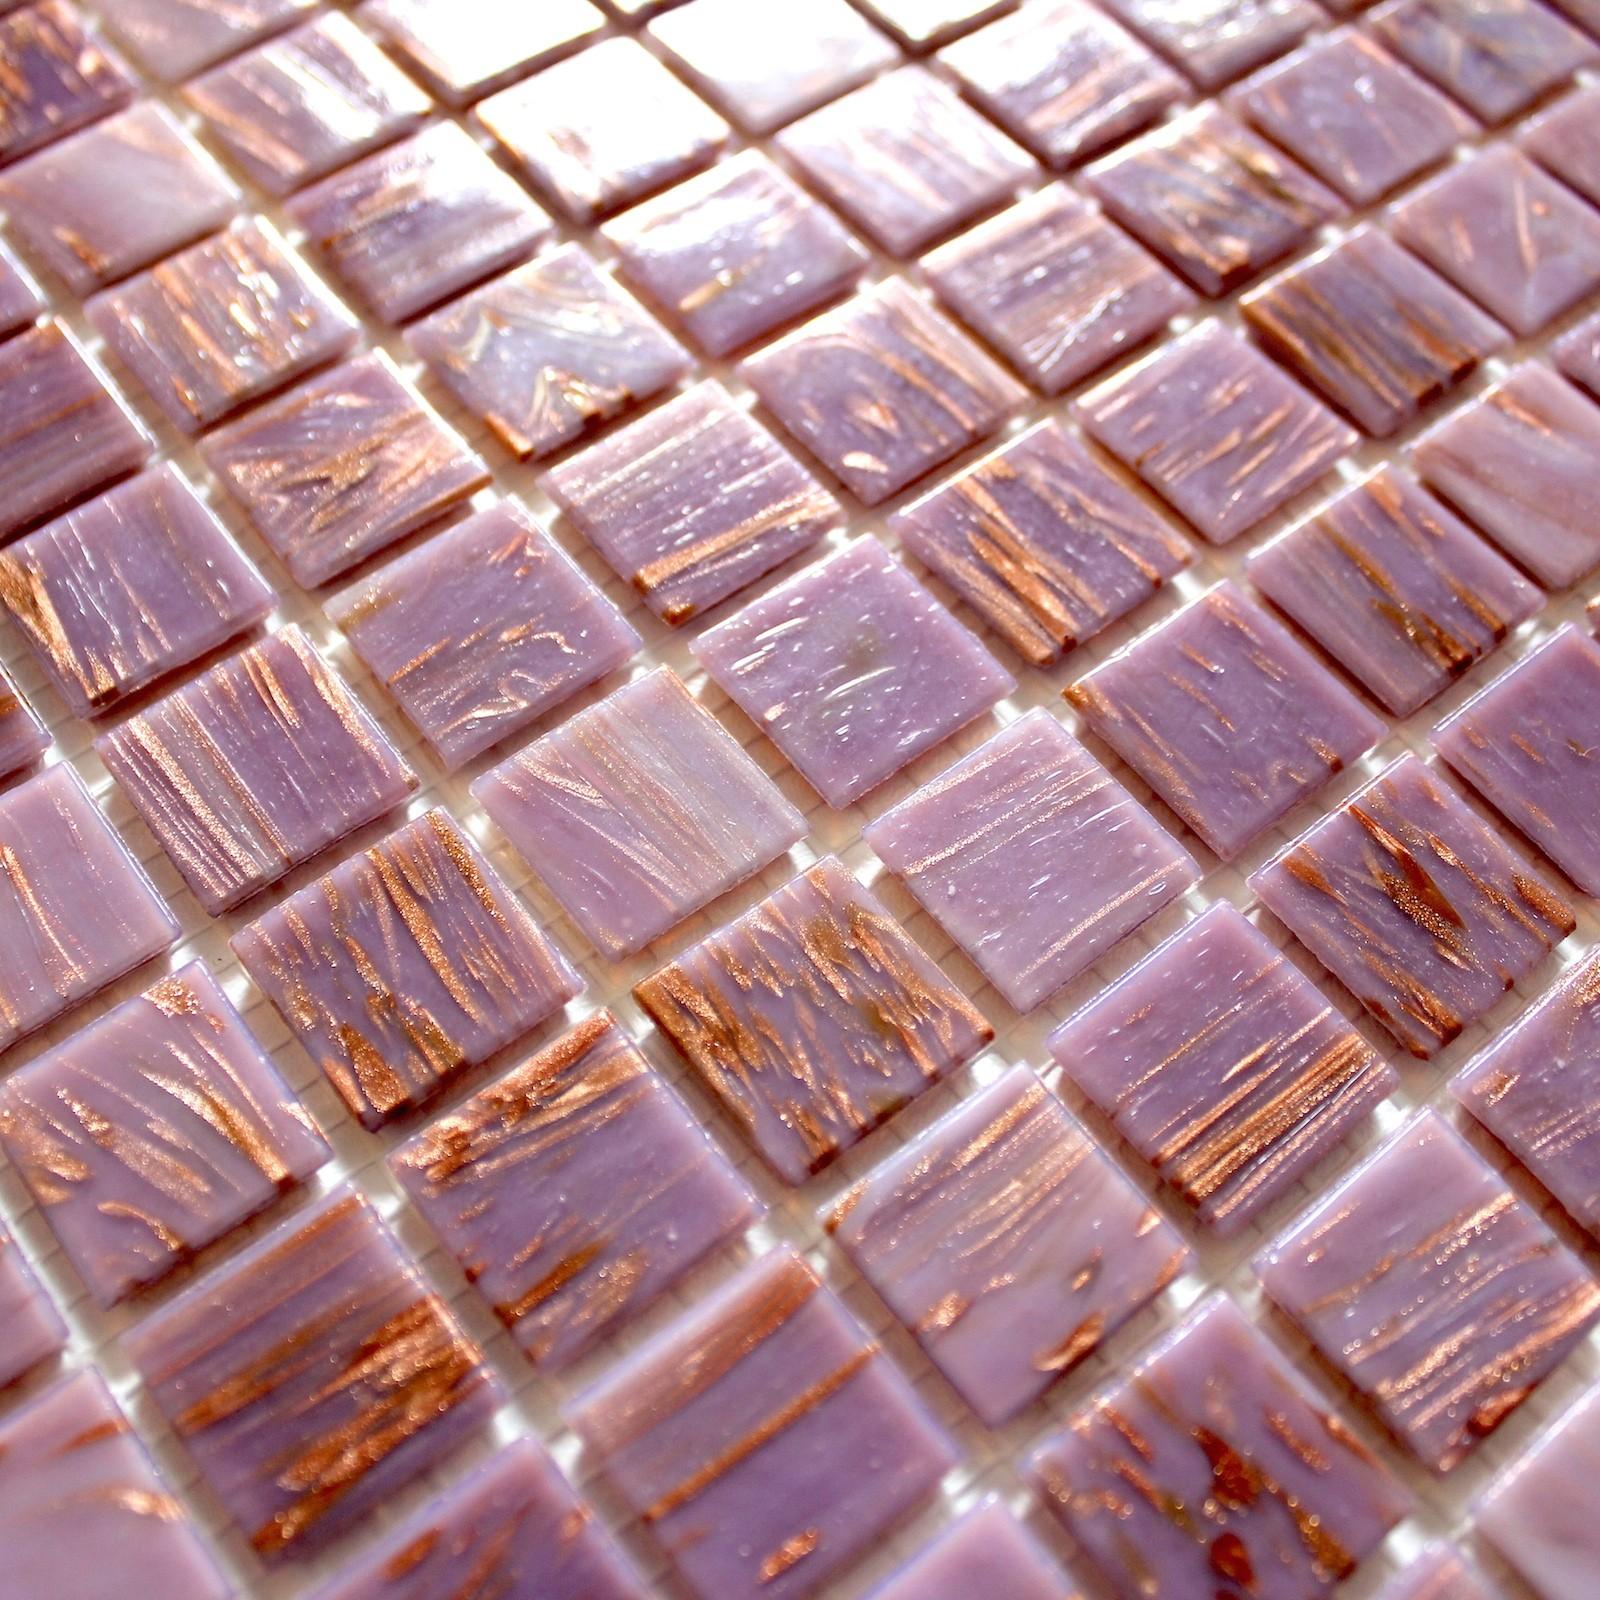 Salle De Bain Mosaique Rose ~ mosaique pate de verre douche salle de bain vitro rose carrelage